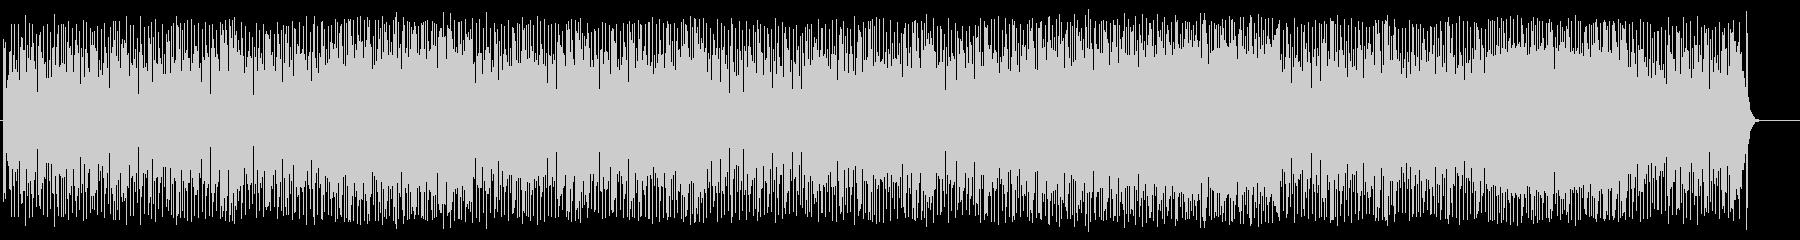 楽しいR&R/ポップ(フルサイズ)の未再生の波形